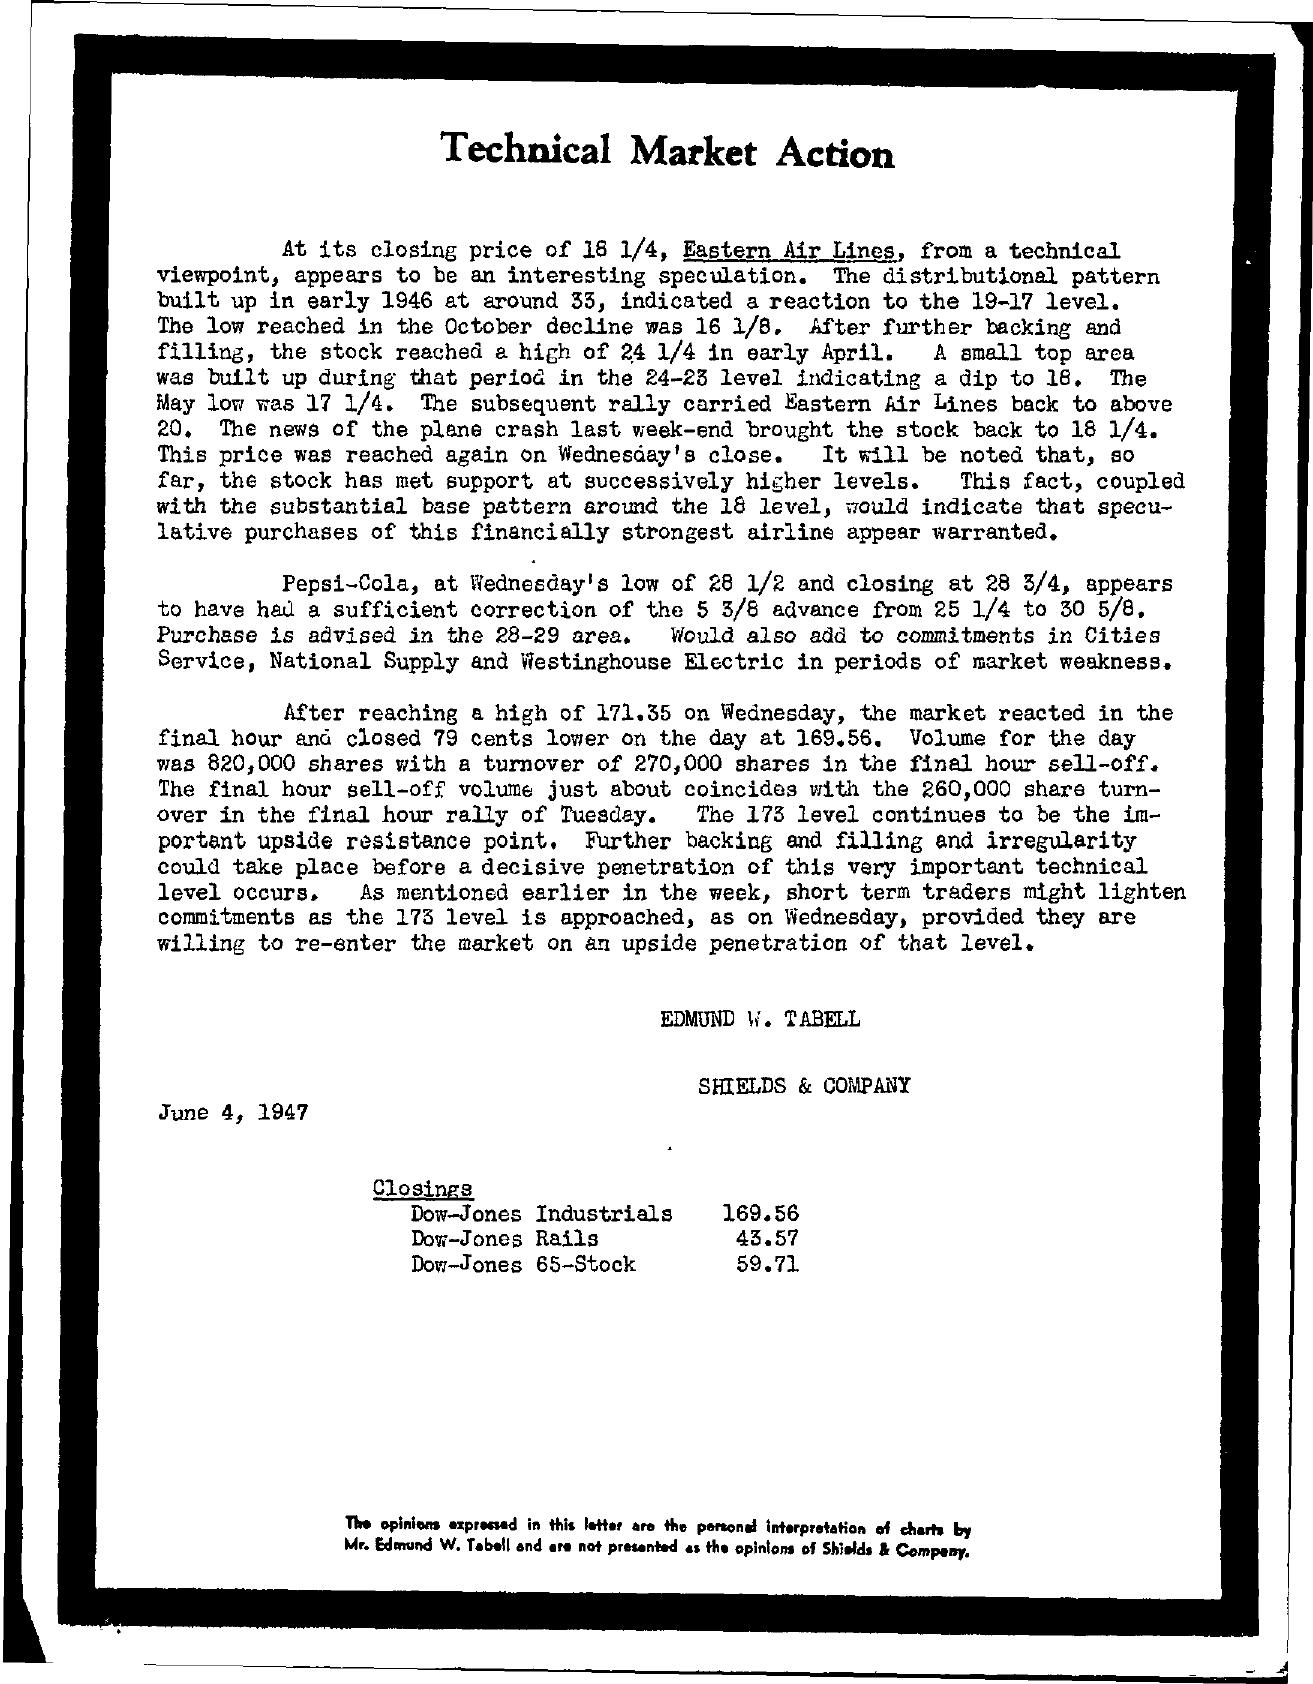 Tabell's Market Letter - June 04, 1947